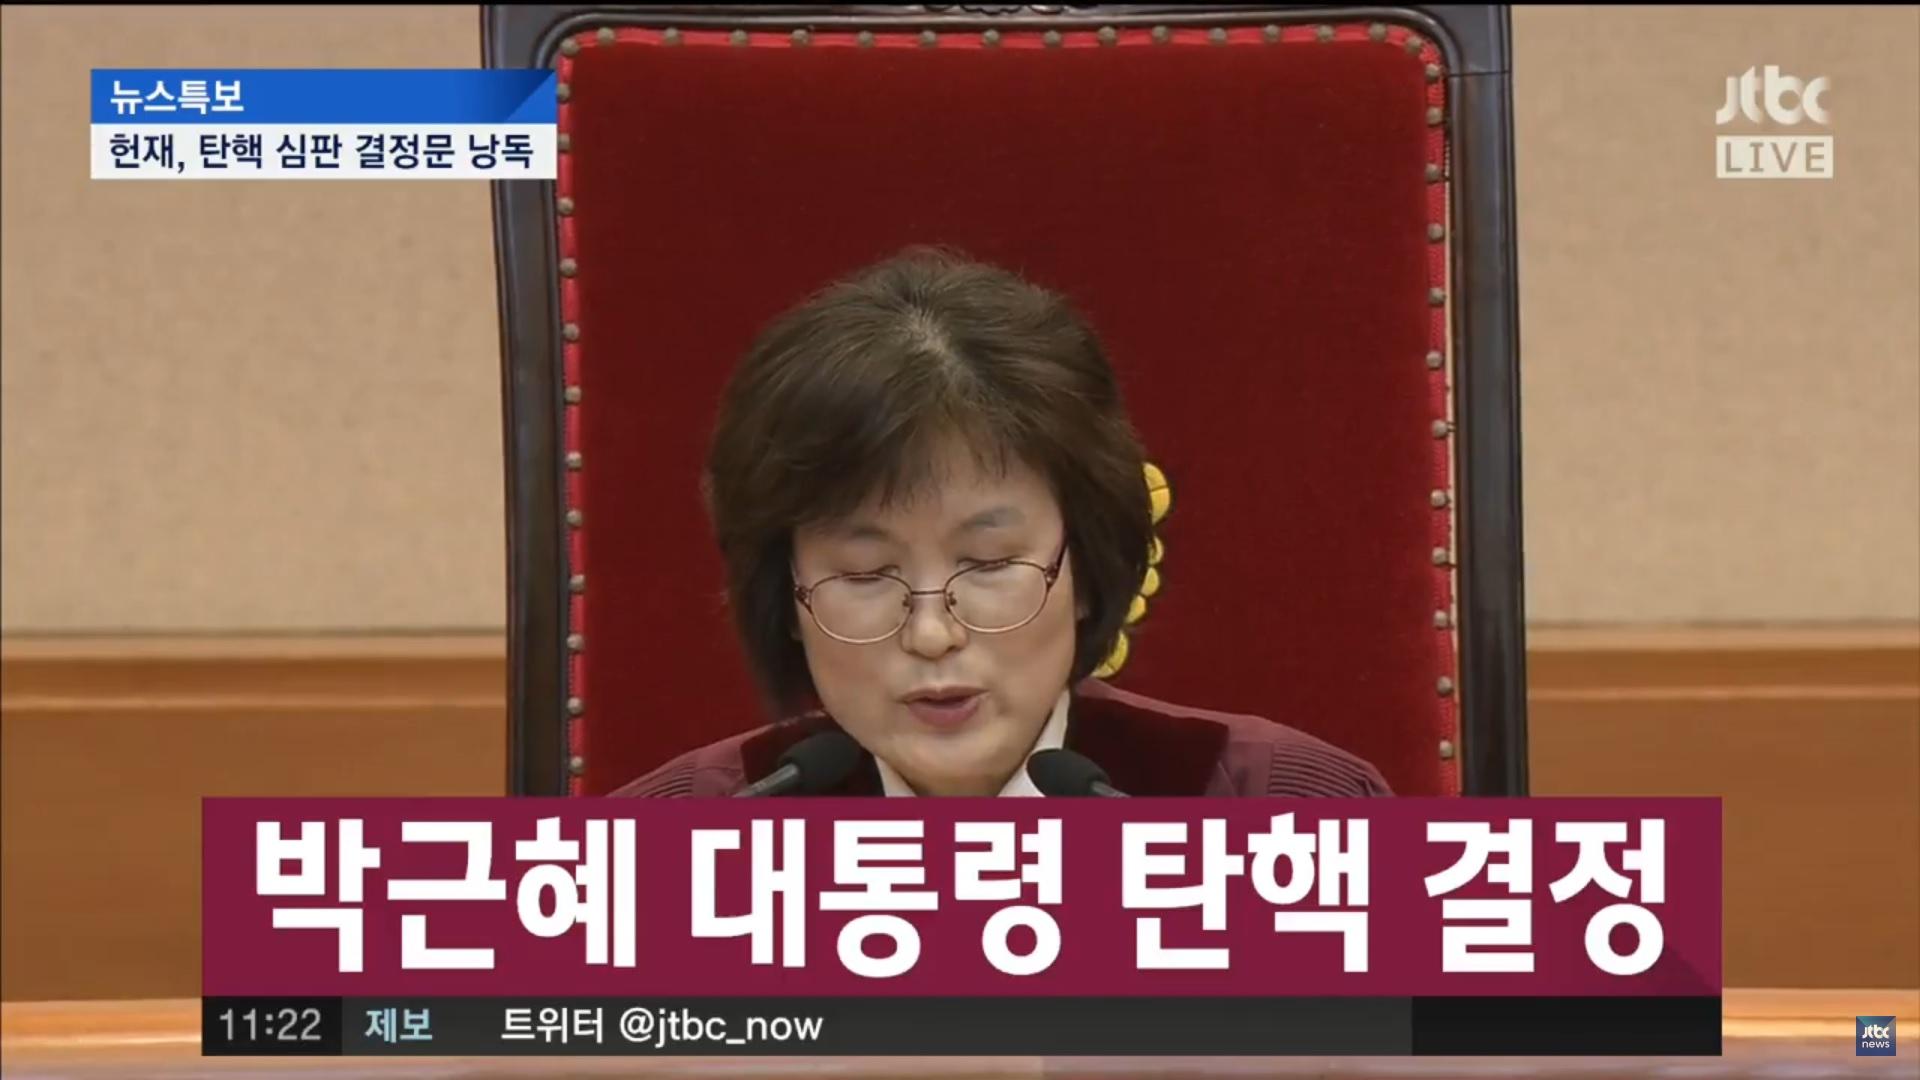 트위터 상에서 박근혜 씨의 탄핵을 두고 벌어진 갖은 언어들을 추려봤다.